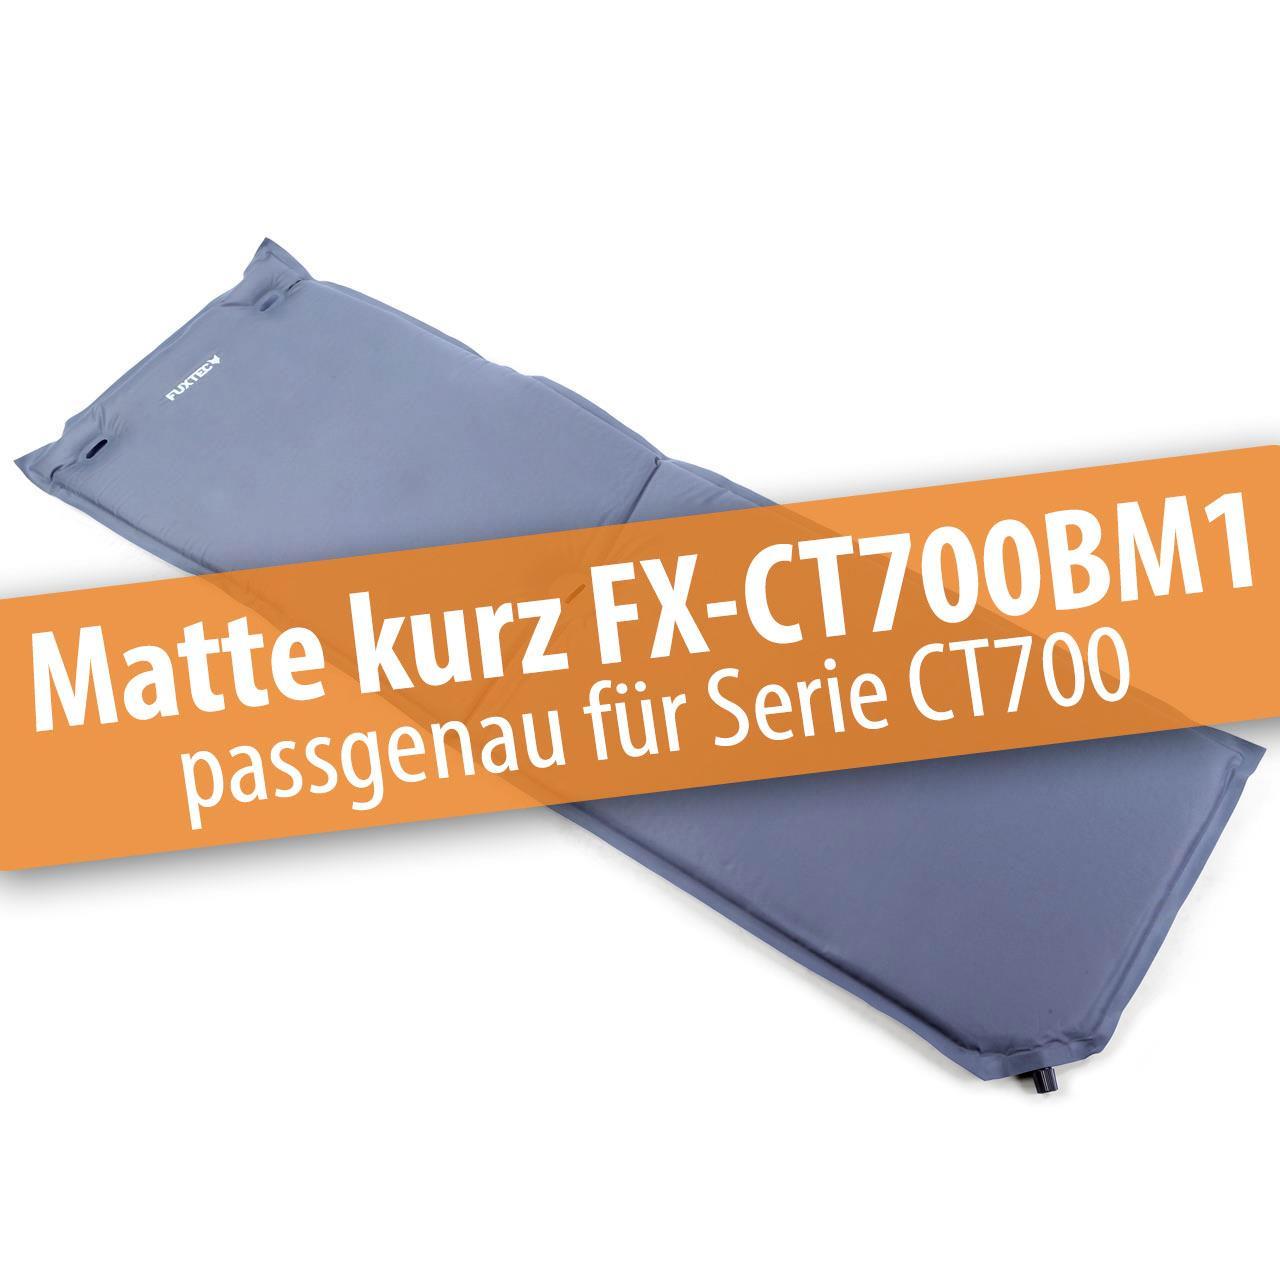 FUXTEC Bollerwagenmatte FX-CT700BM1 passend für Serie CT700 und CT800